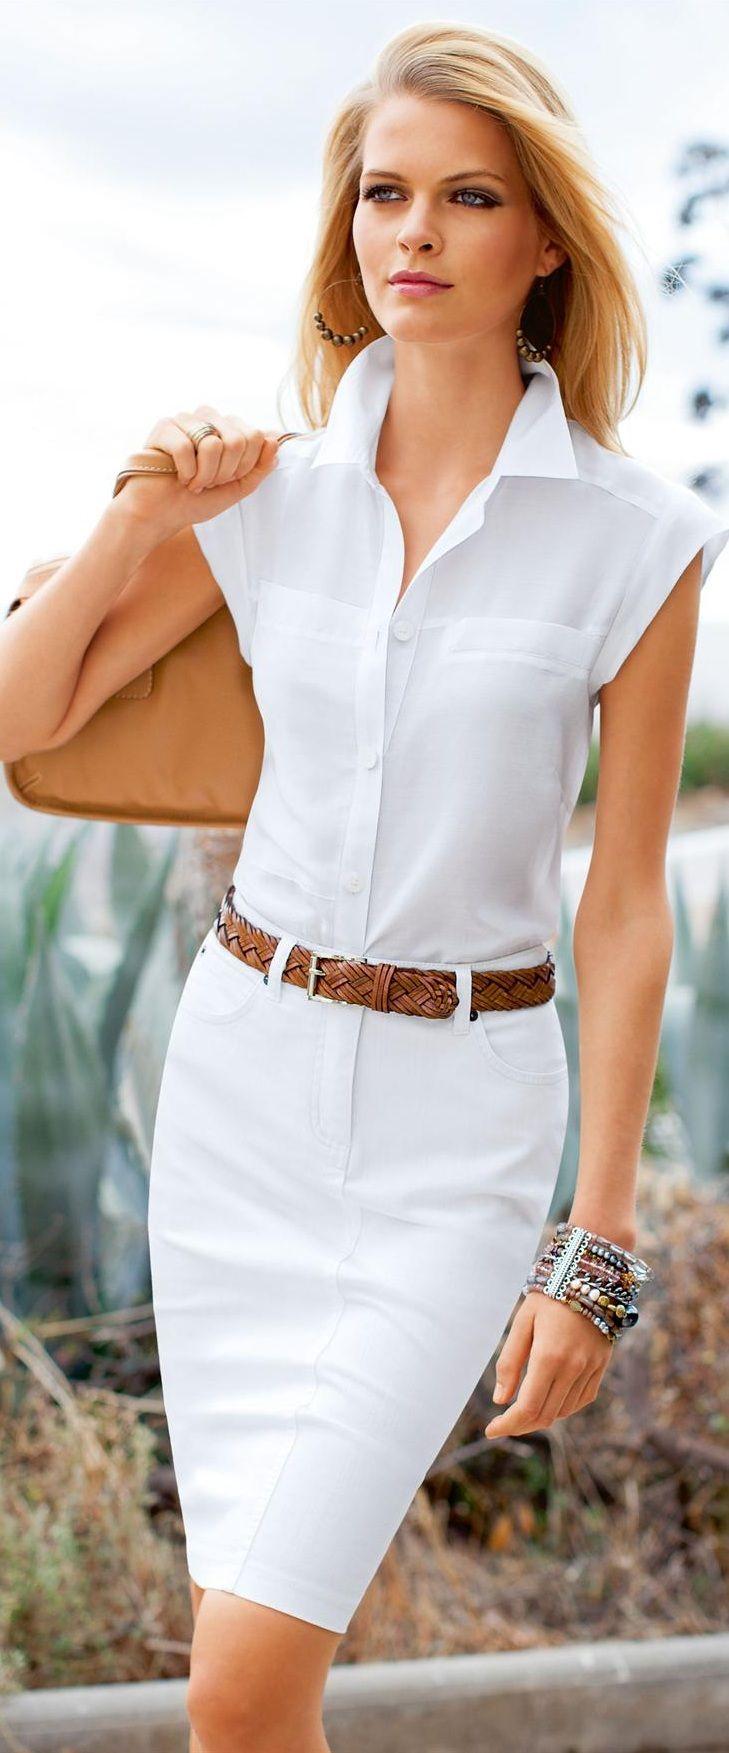 White skirt and white shirt